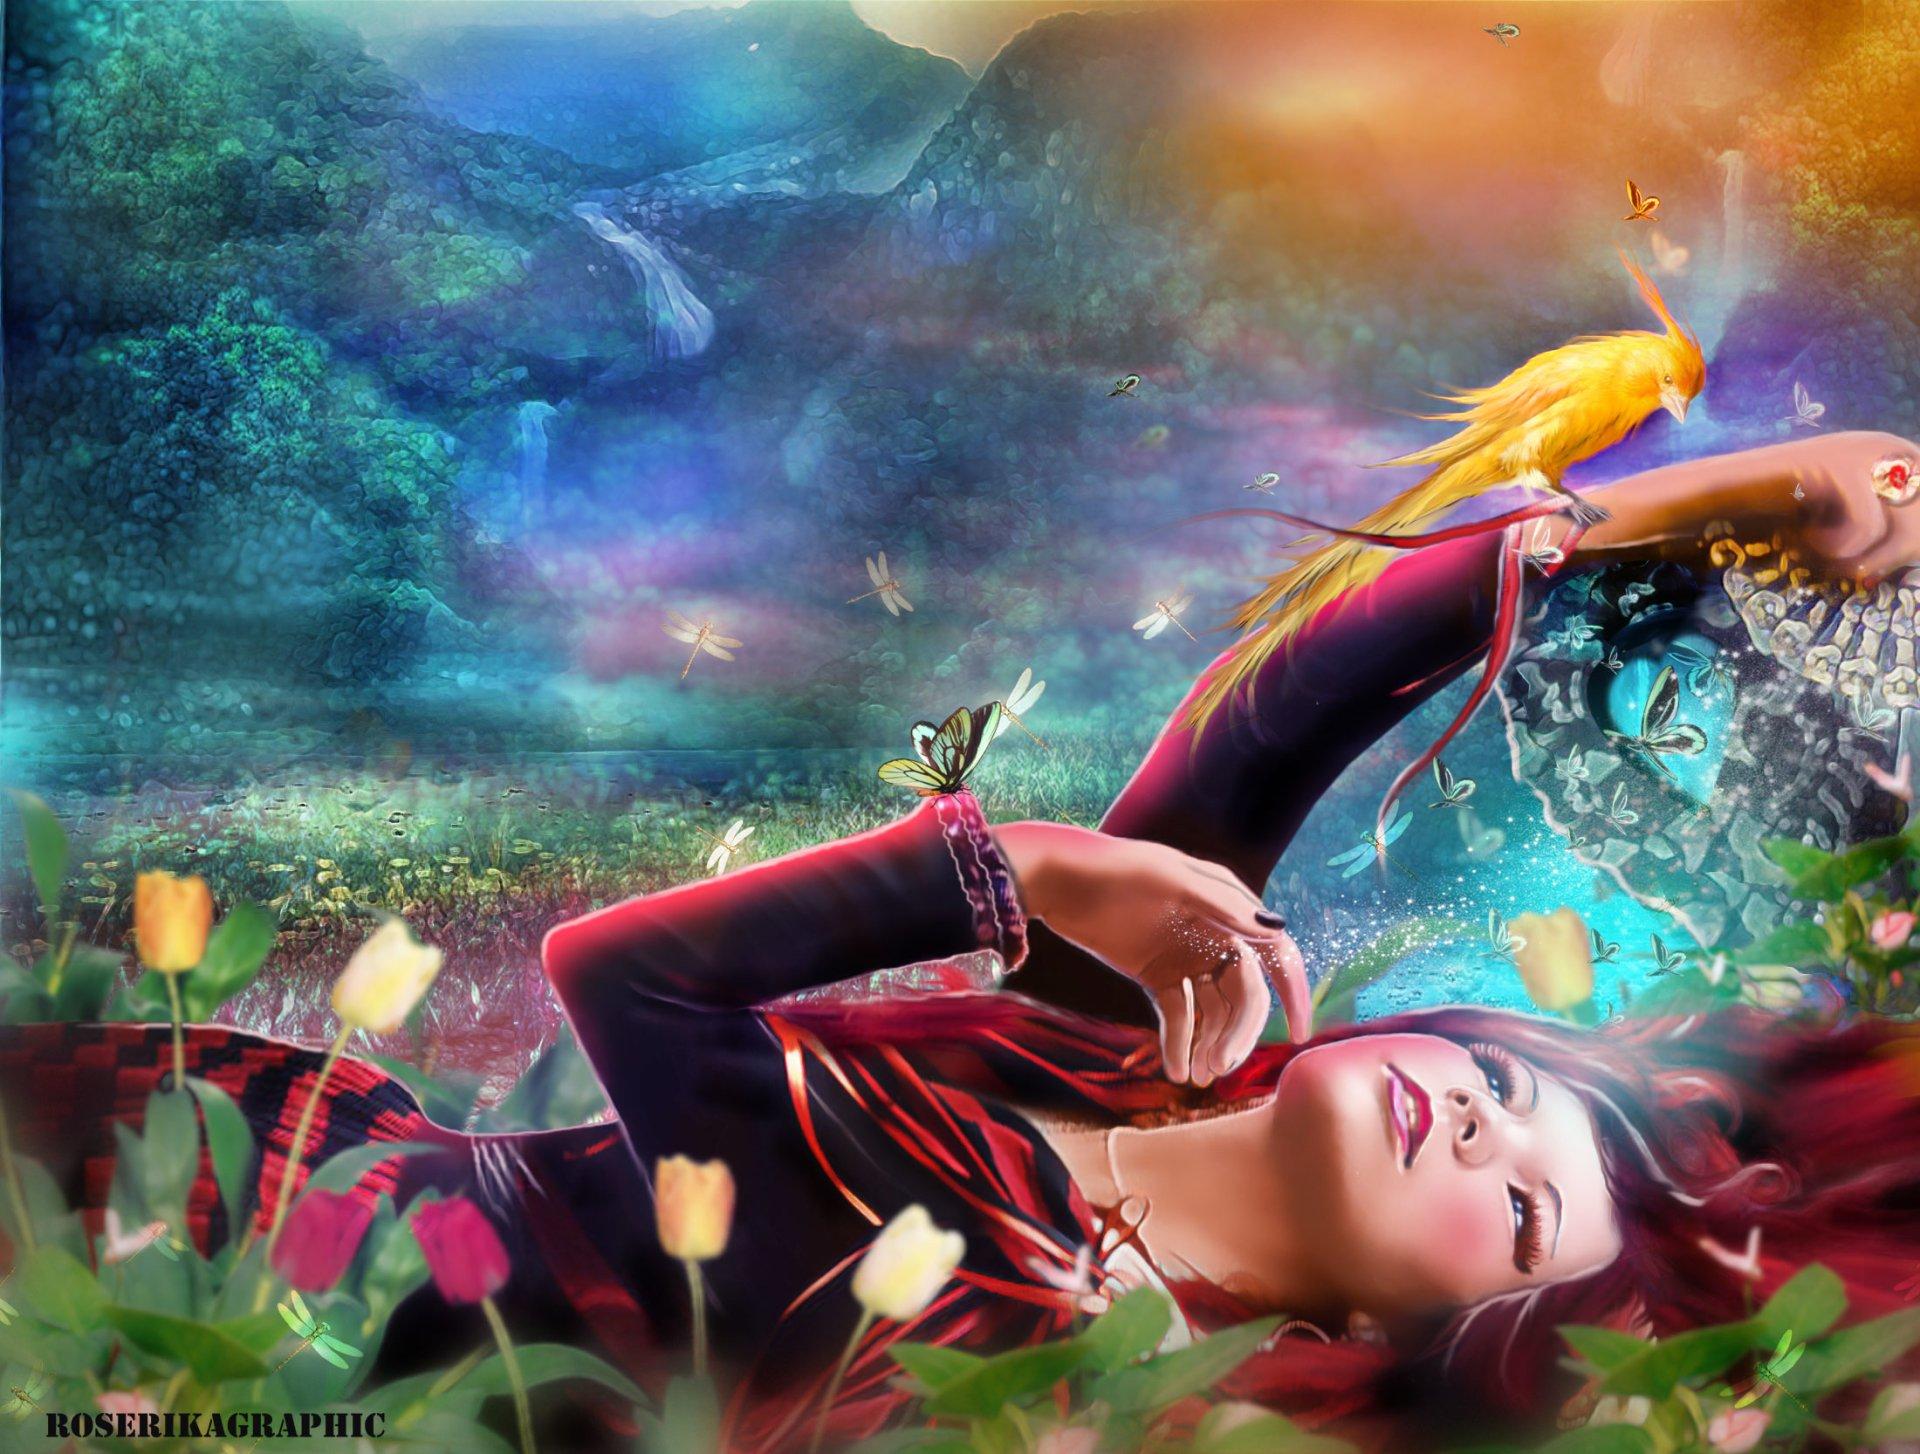 Artistic - Women  Artistic Woman Butterfly Flower Girl Bird Wallpaper